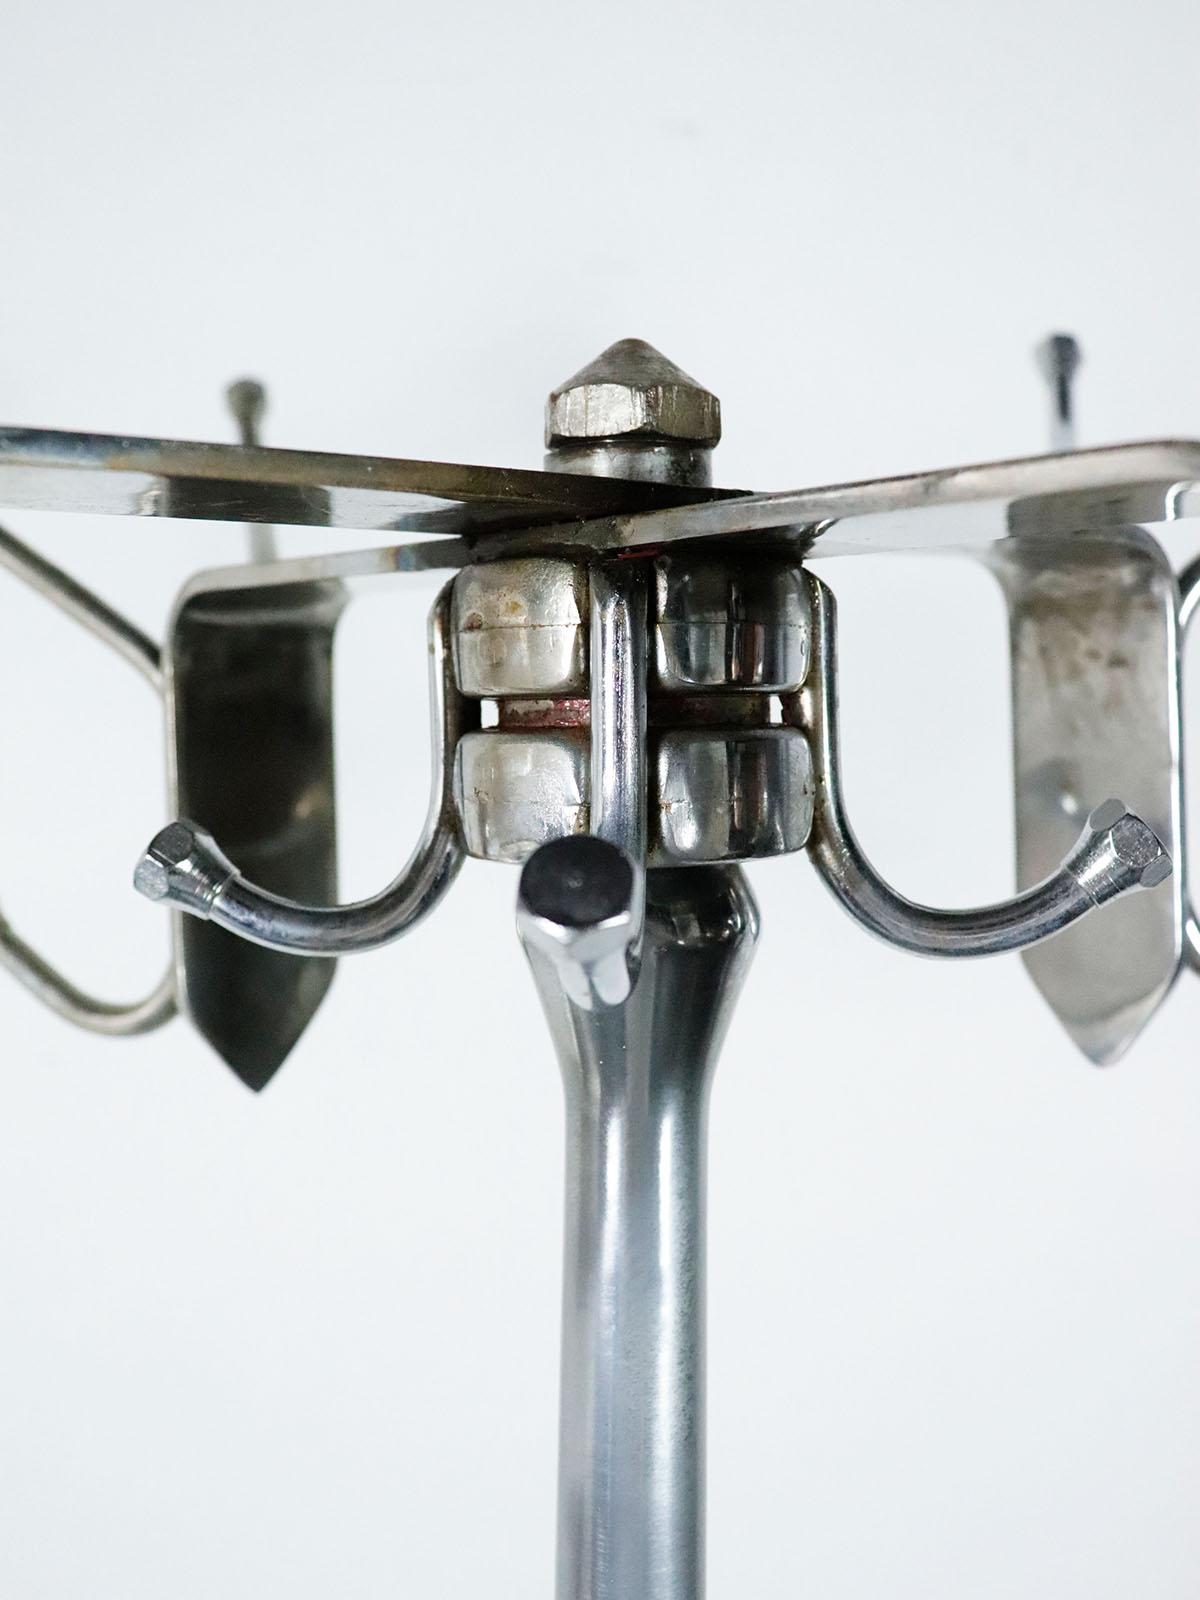 PEEDEES,1940-50's,USA,vintage,industrial,coat rack,steel